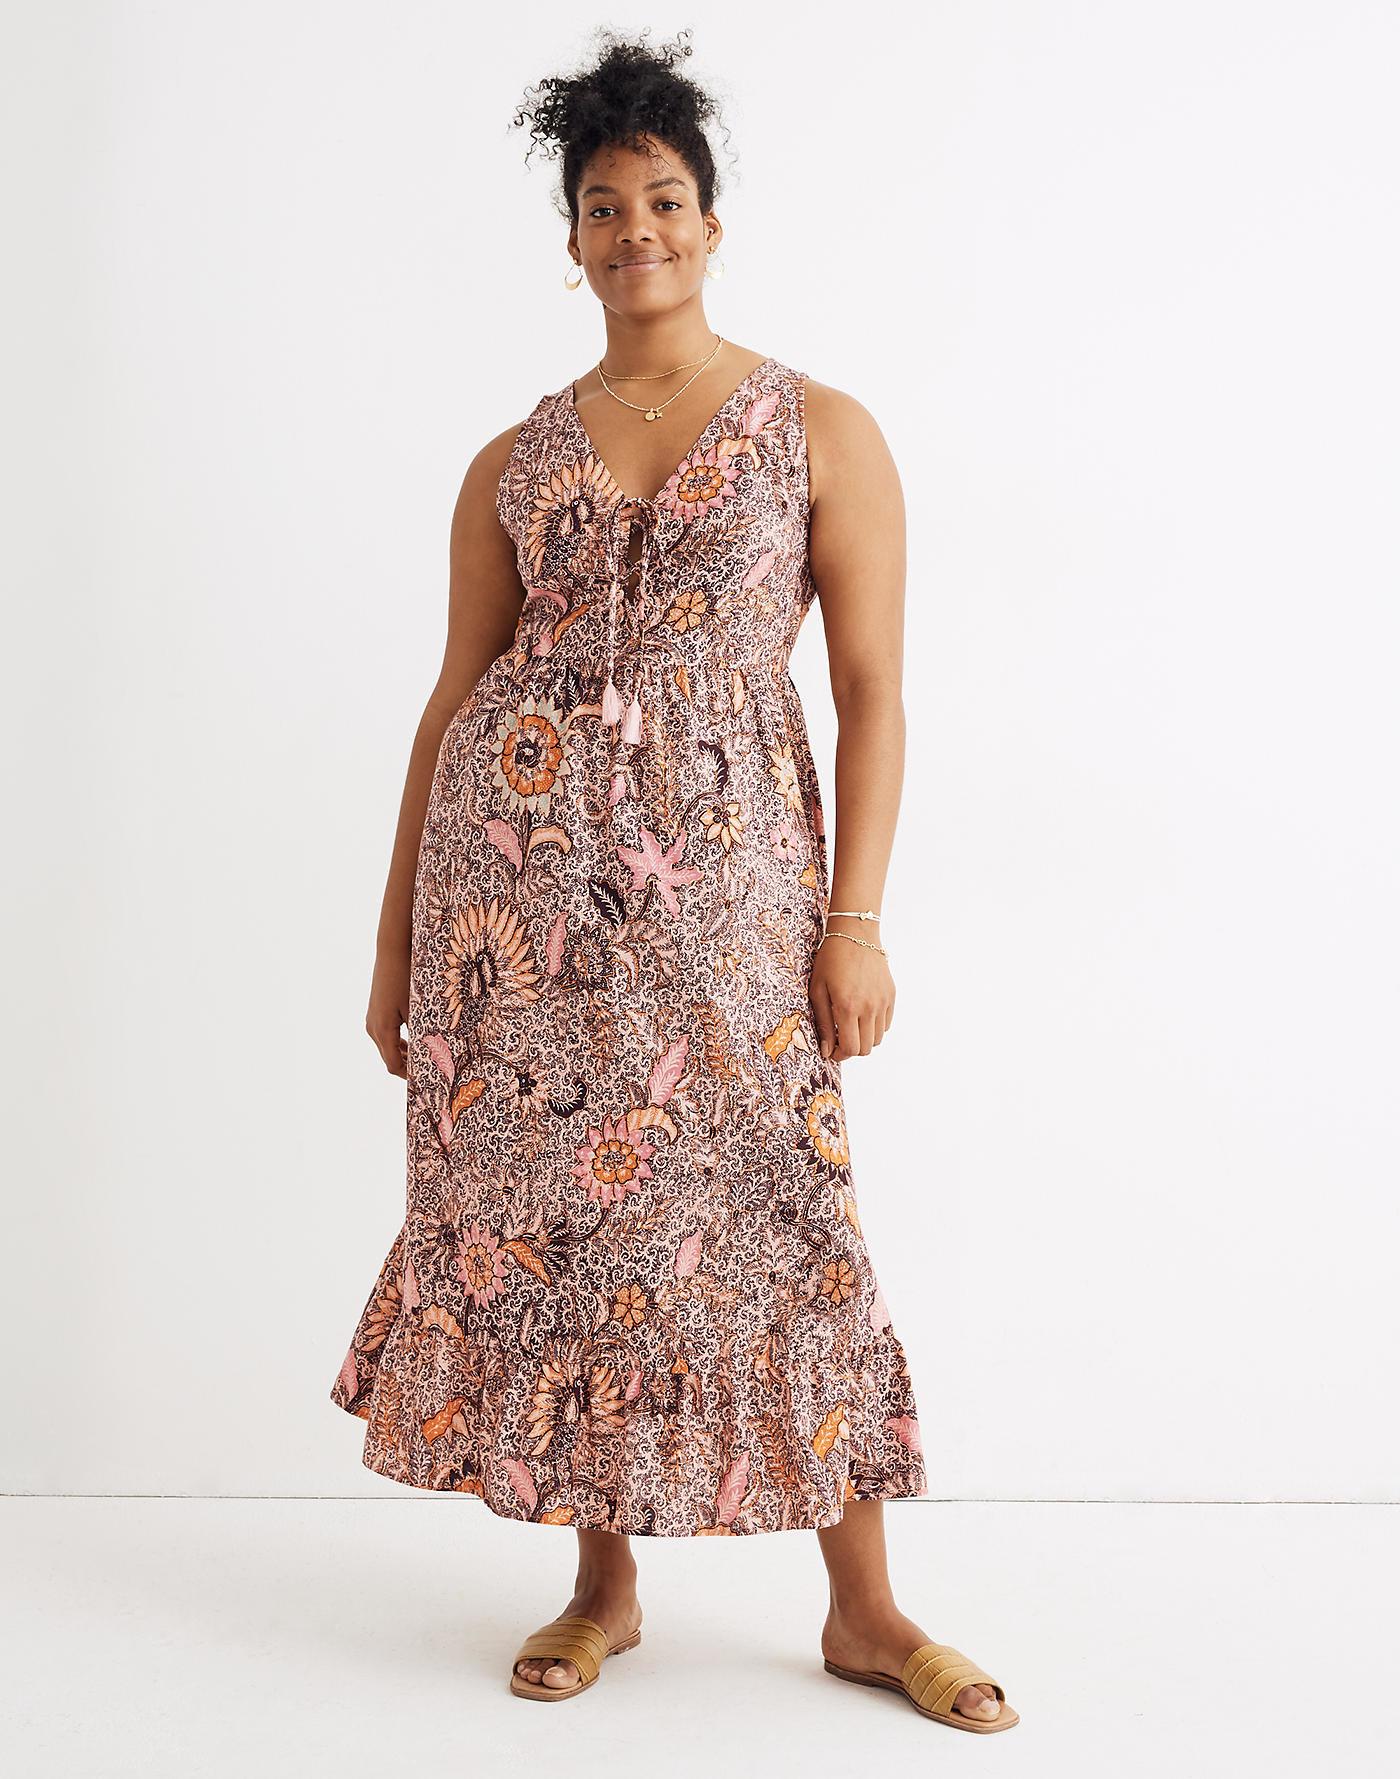 model wearing lace-up ruffle hem paisley dress